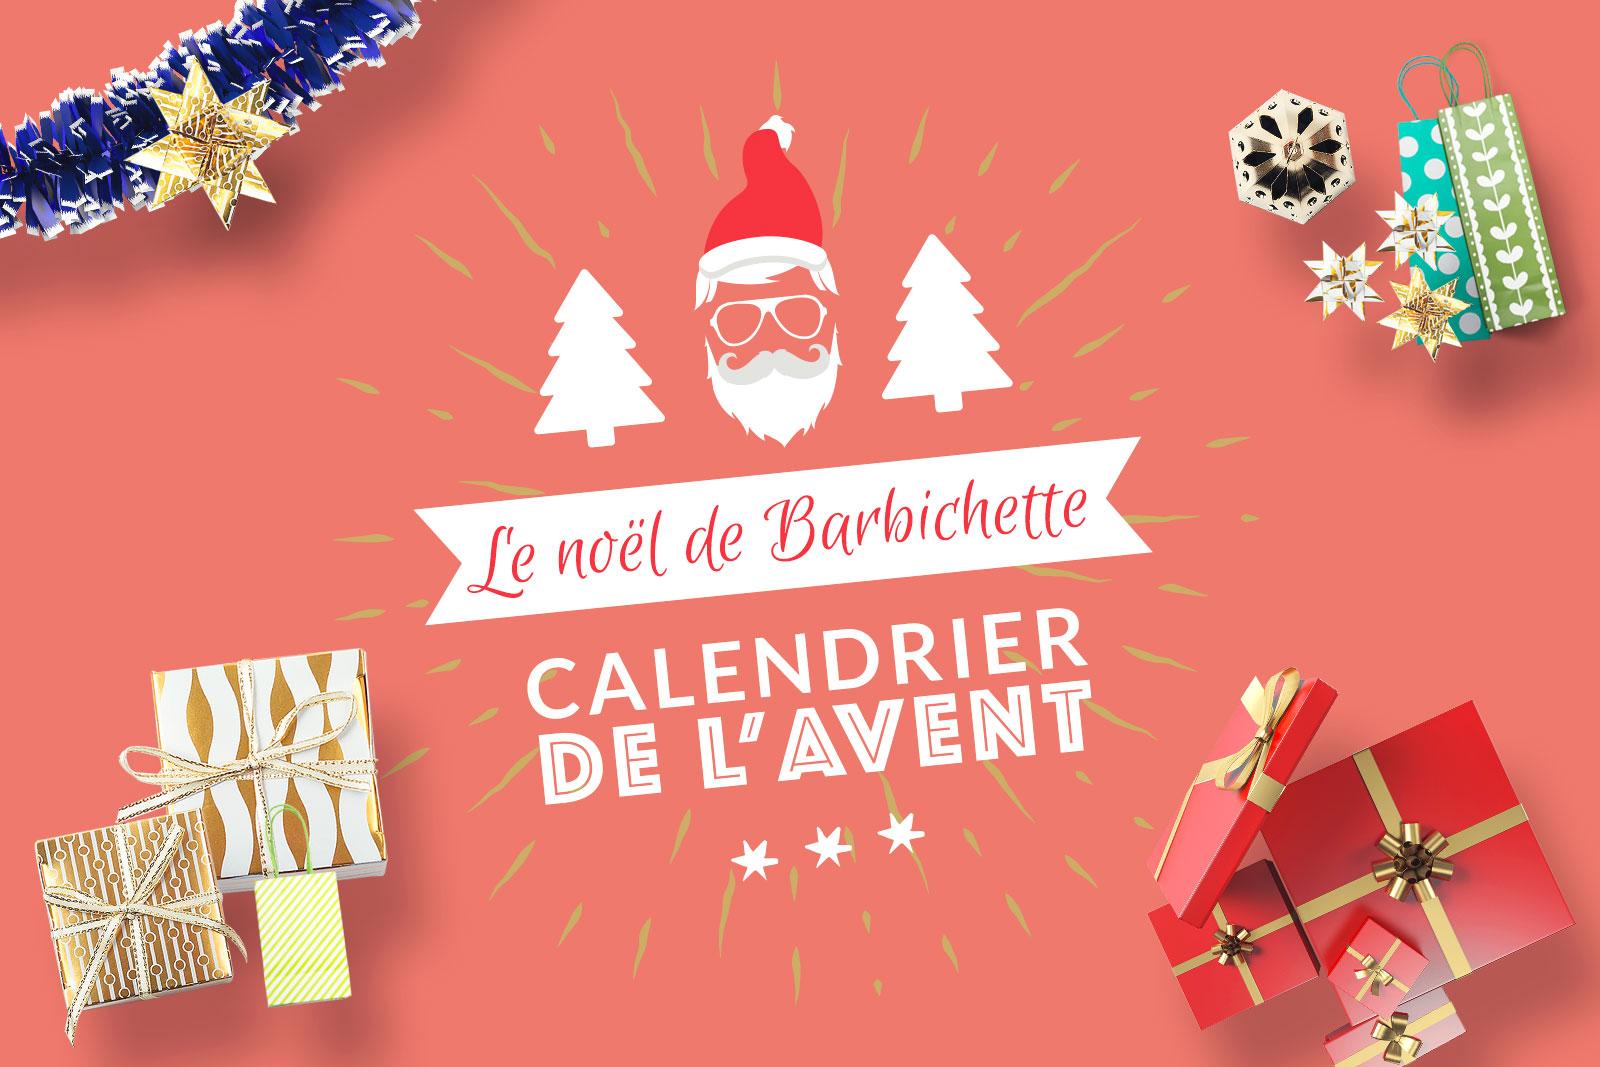 Noel Barbichette - Calendrier Avent